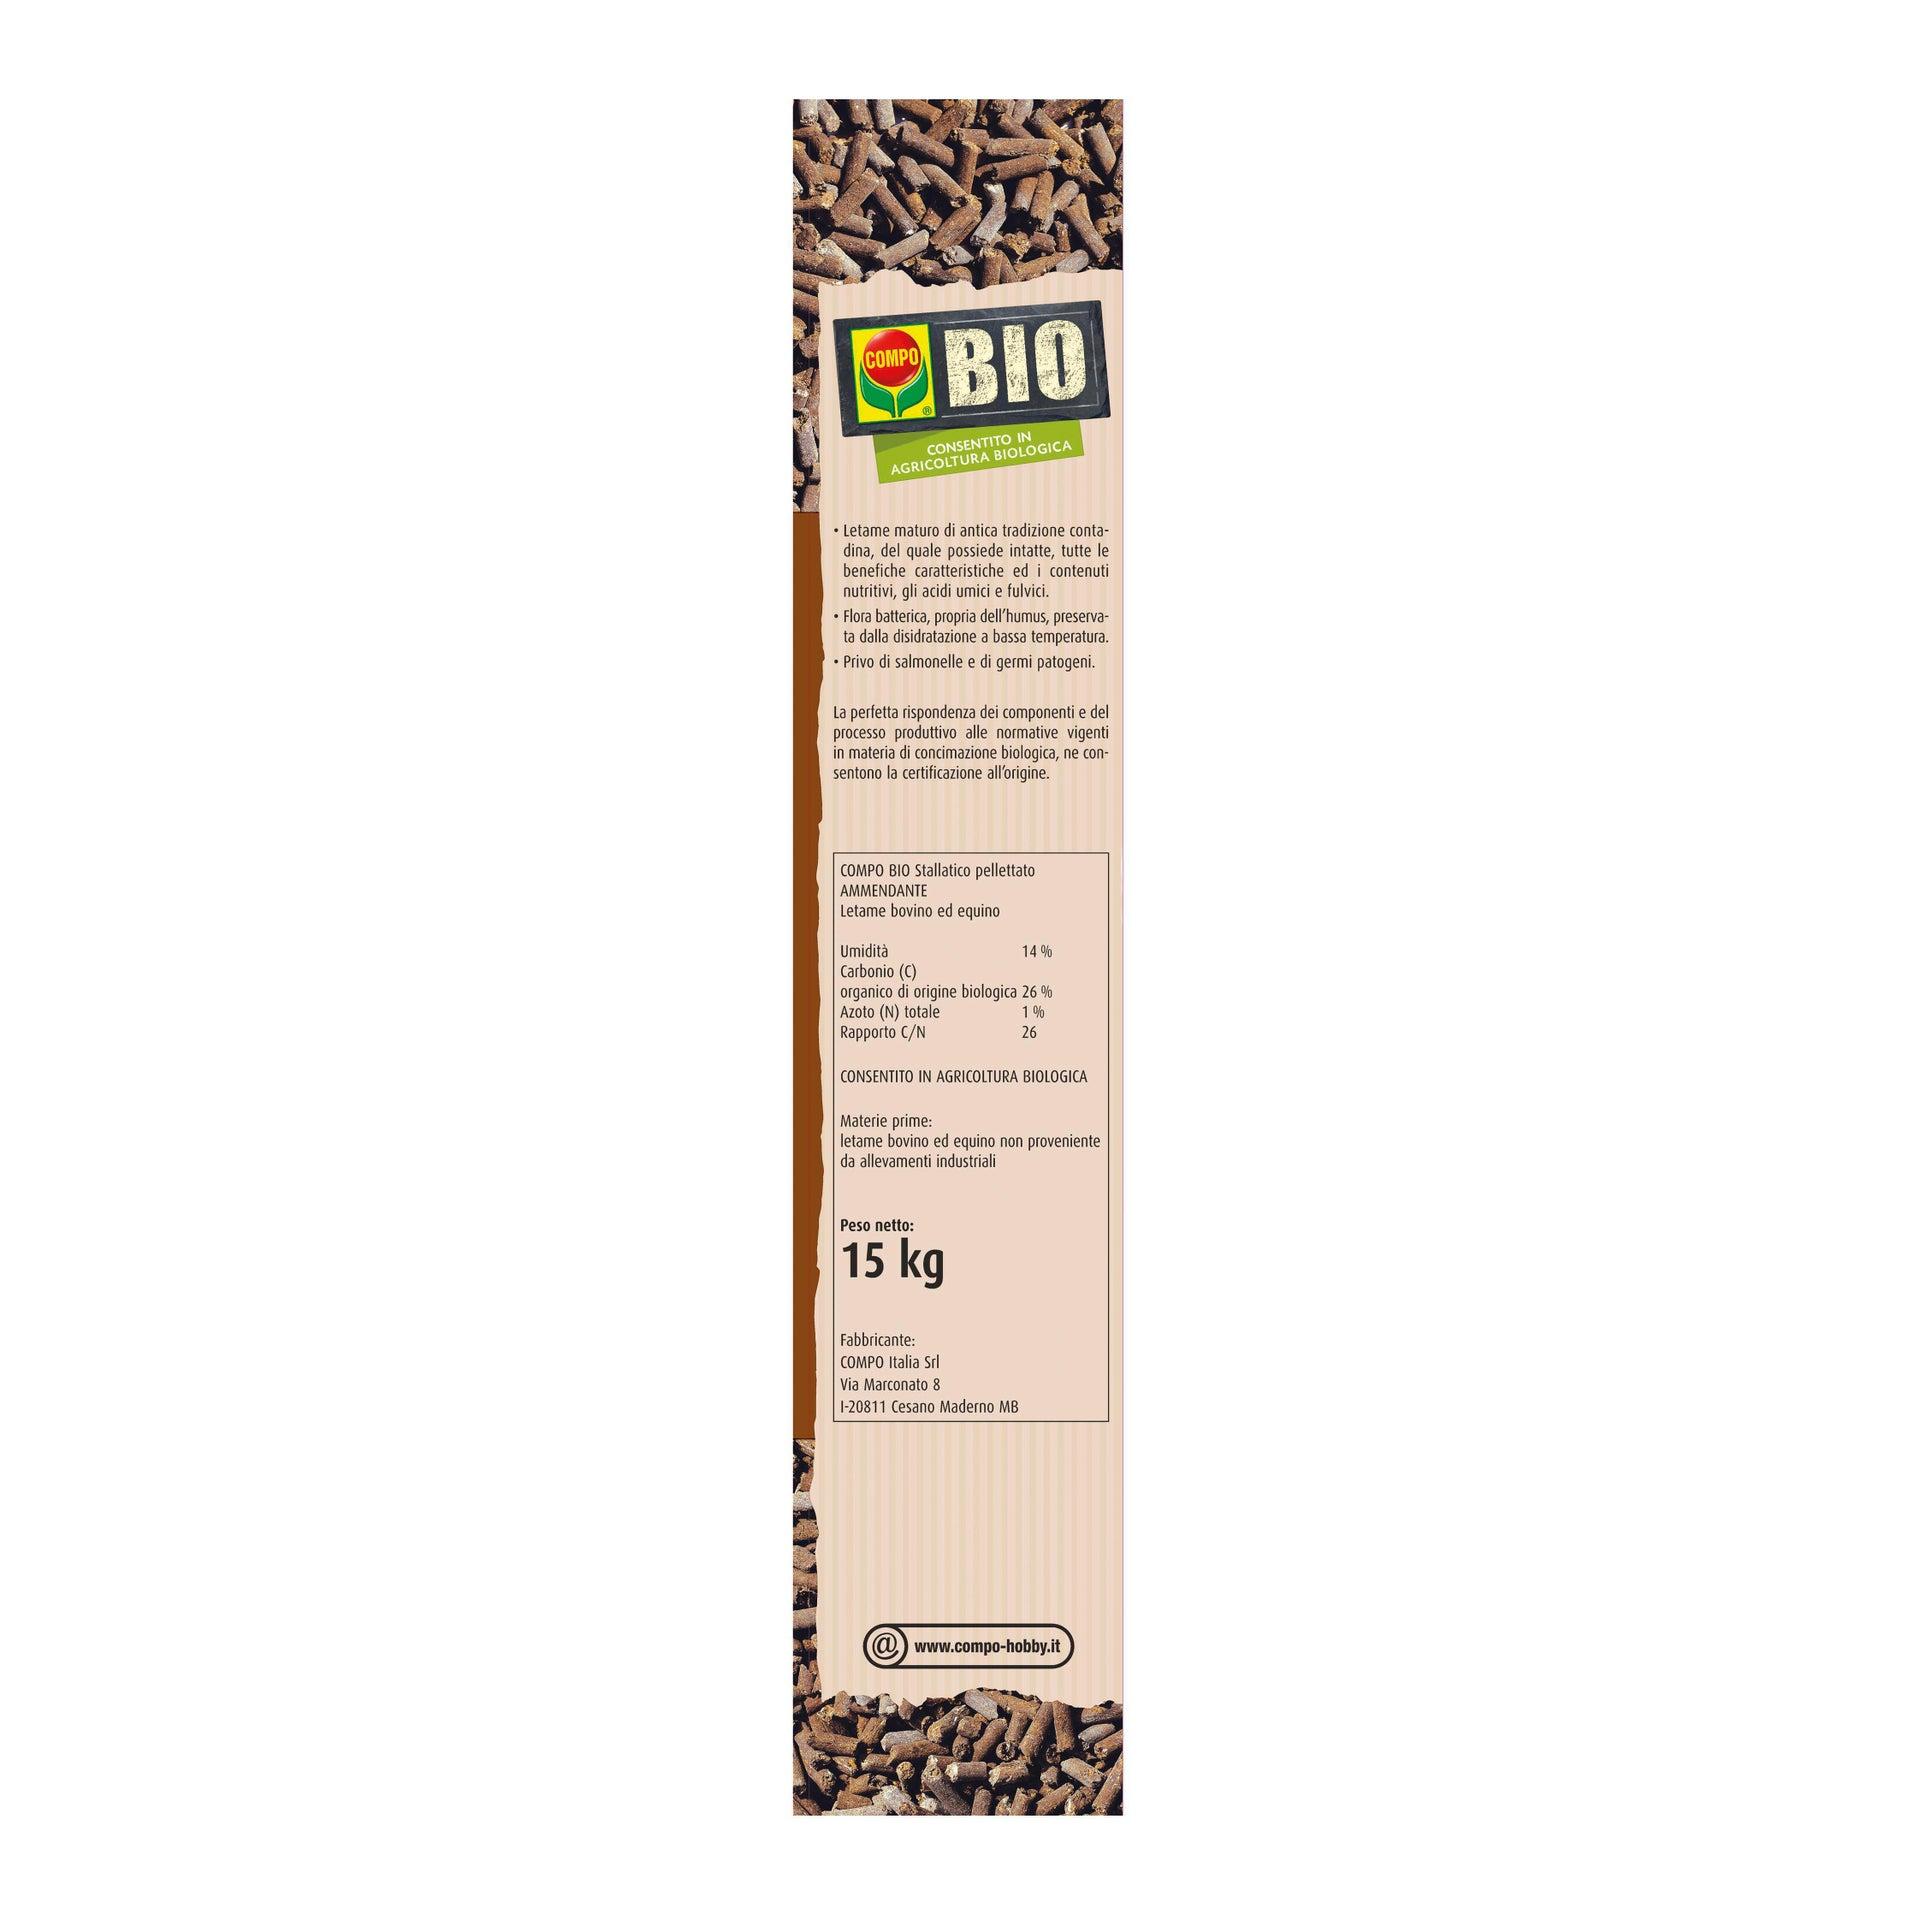 Concime bastoncini COMPO Bio stallatico pelletato 15 kg - 2